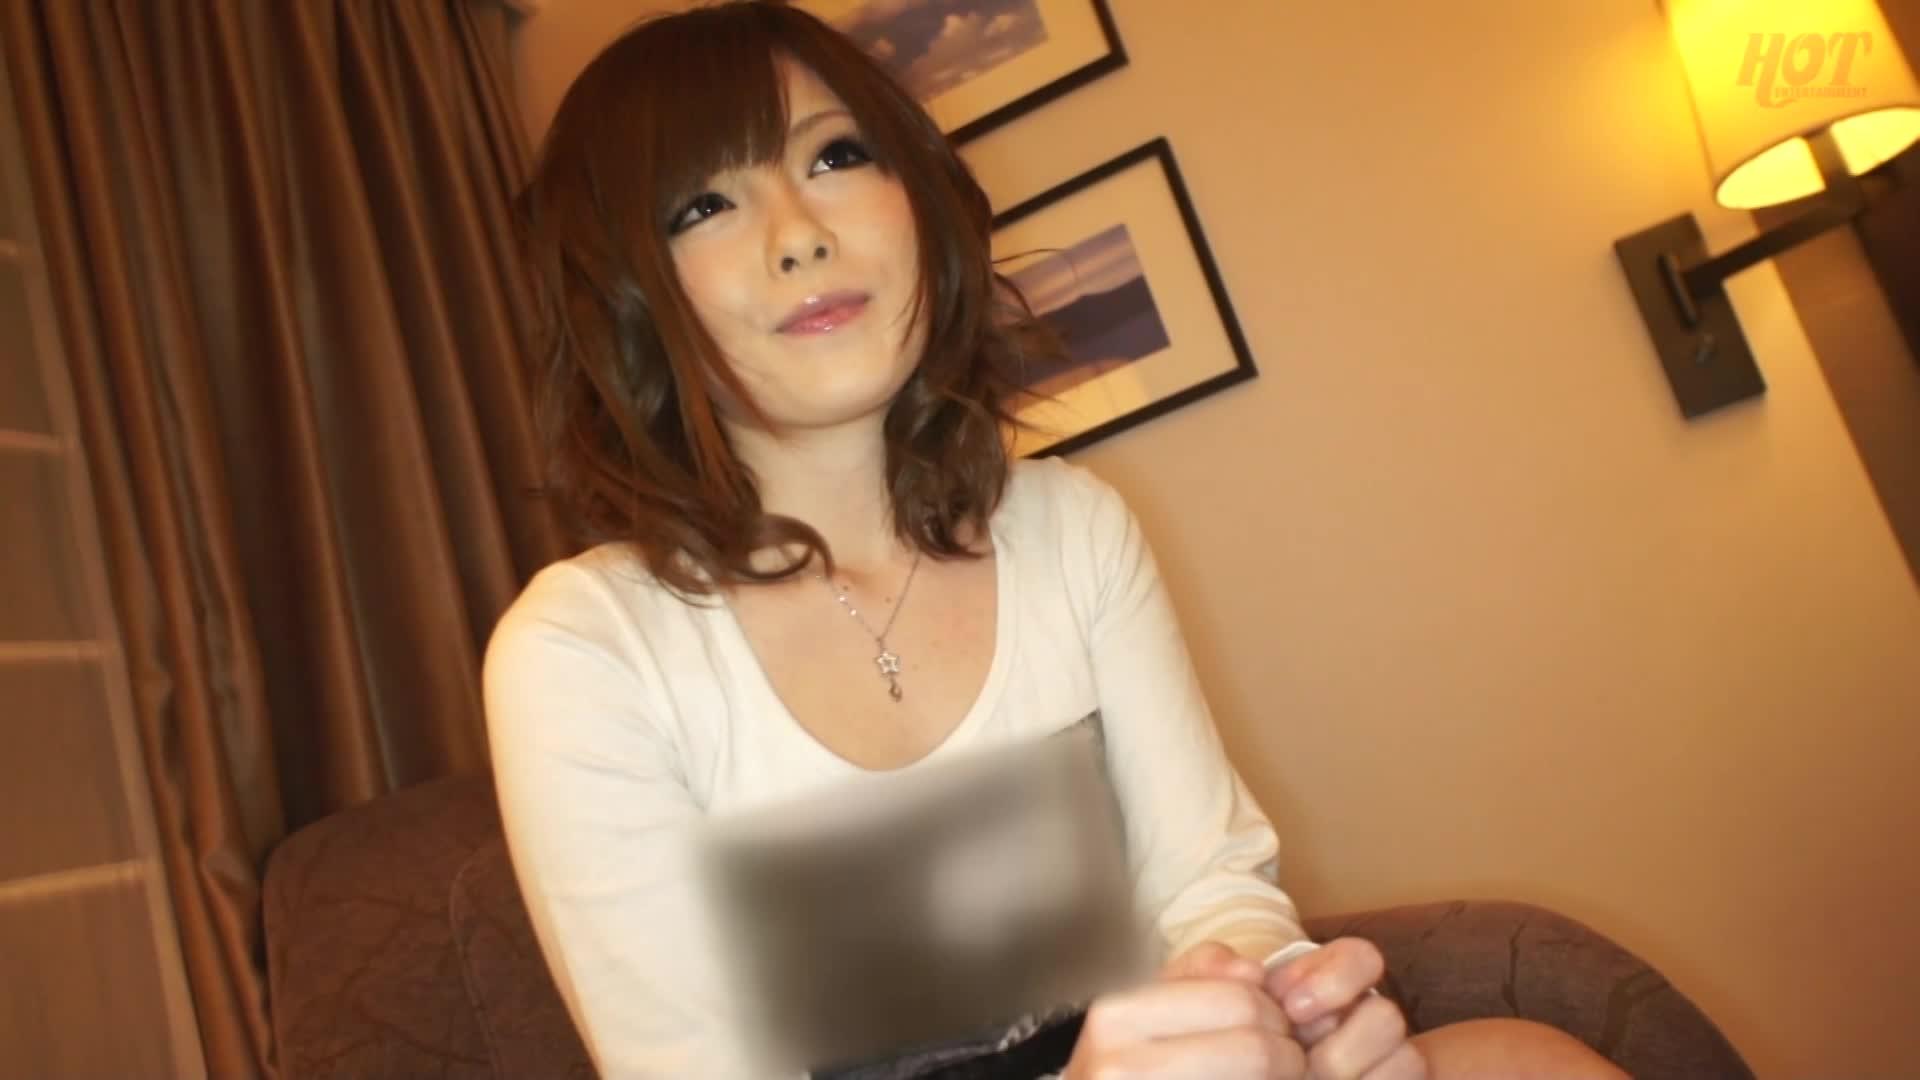 【無修正/ライブチャット】化粧っ気がないのに超美人な素人